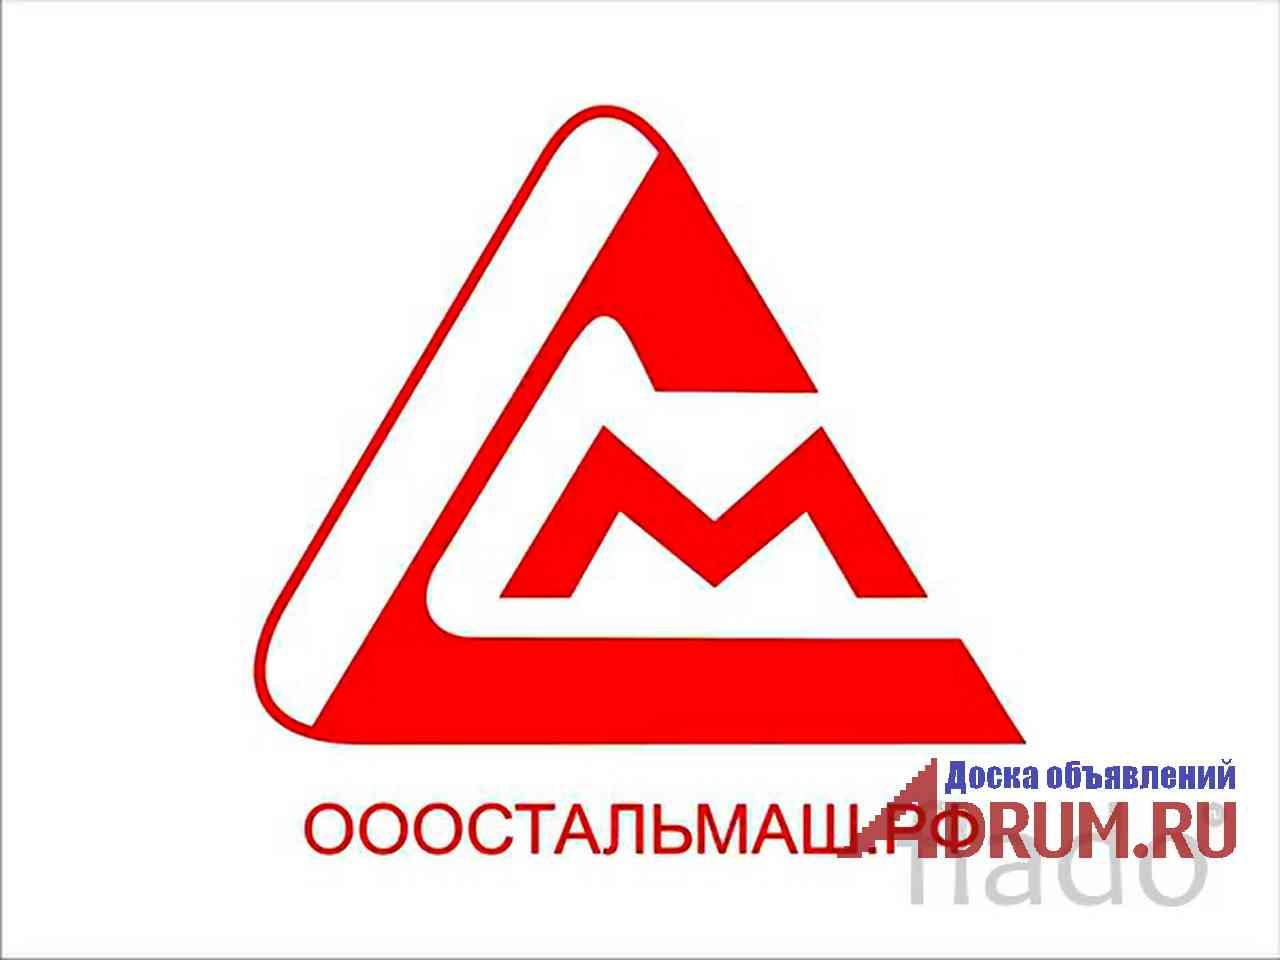 Шестигранник стальной, калиброванный, буровой (с отверстием, полый) в Екатеринбург